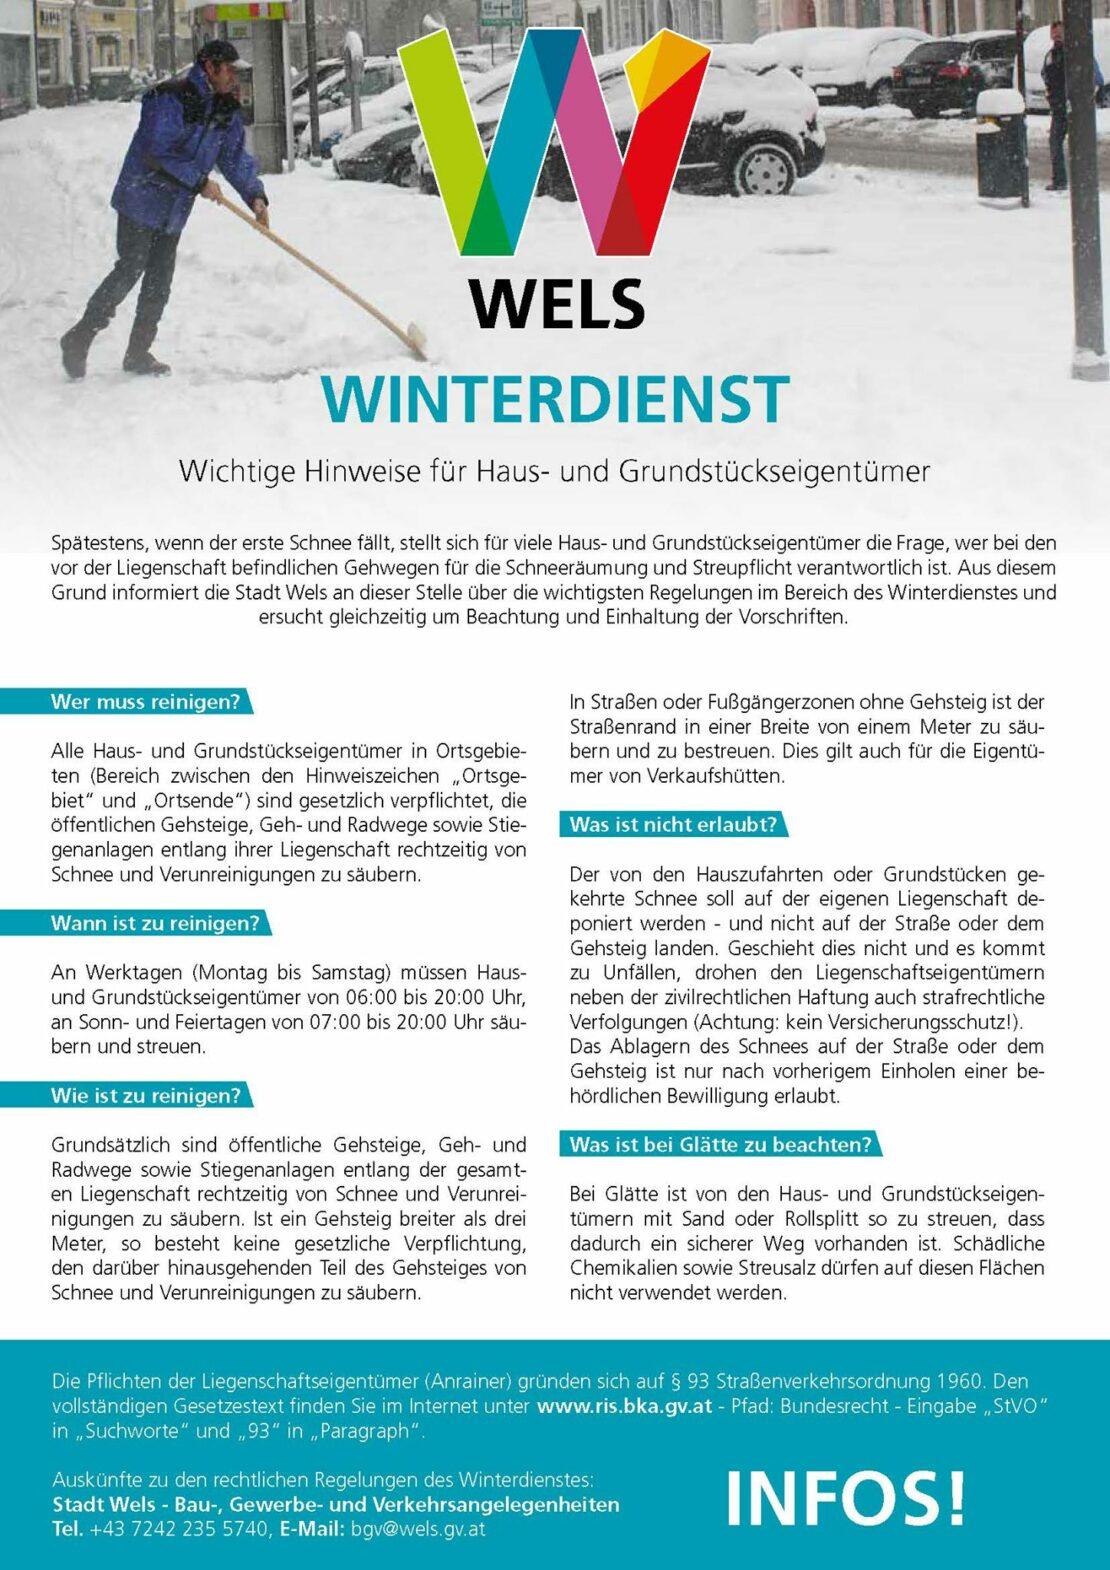 Winterdienste in Wels